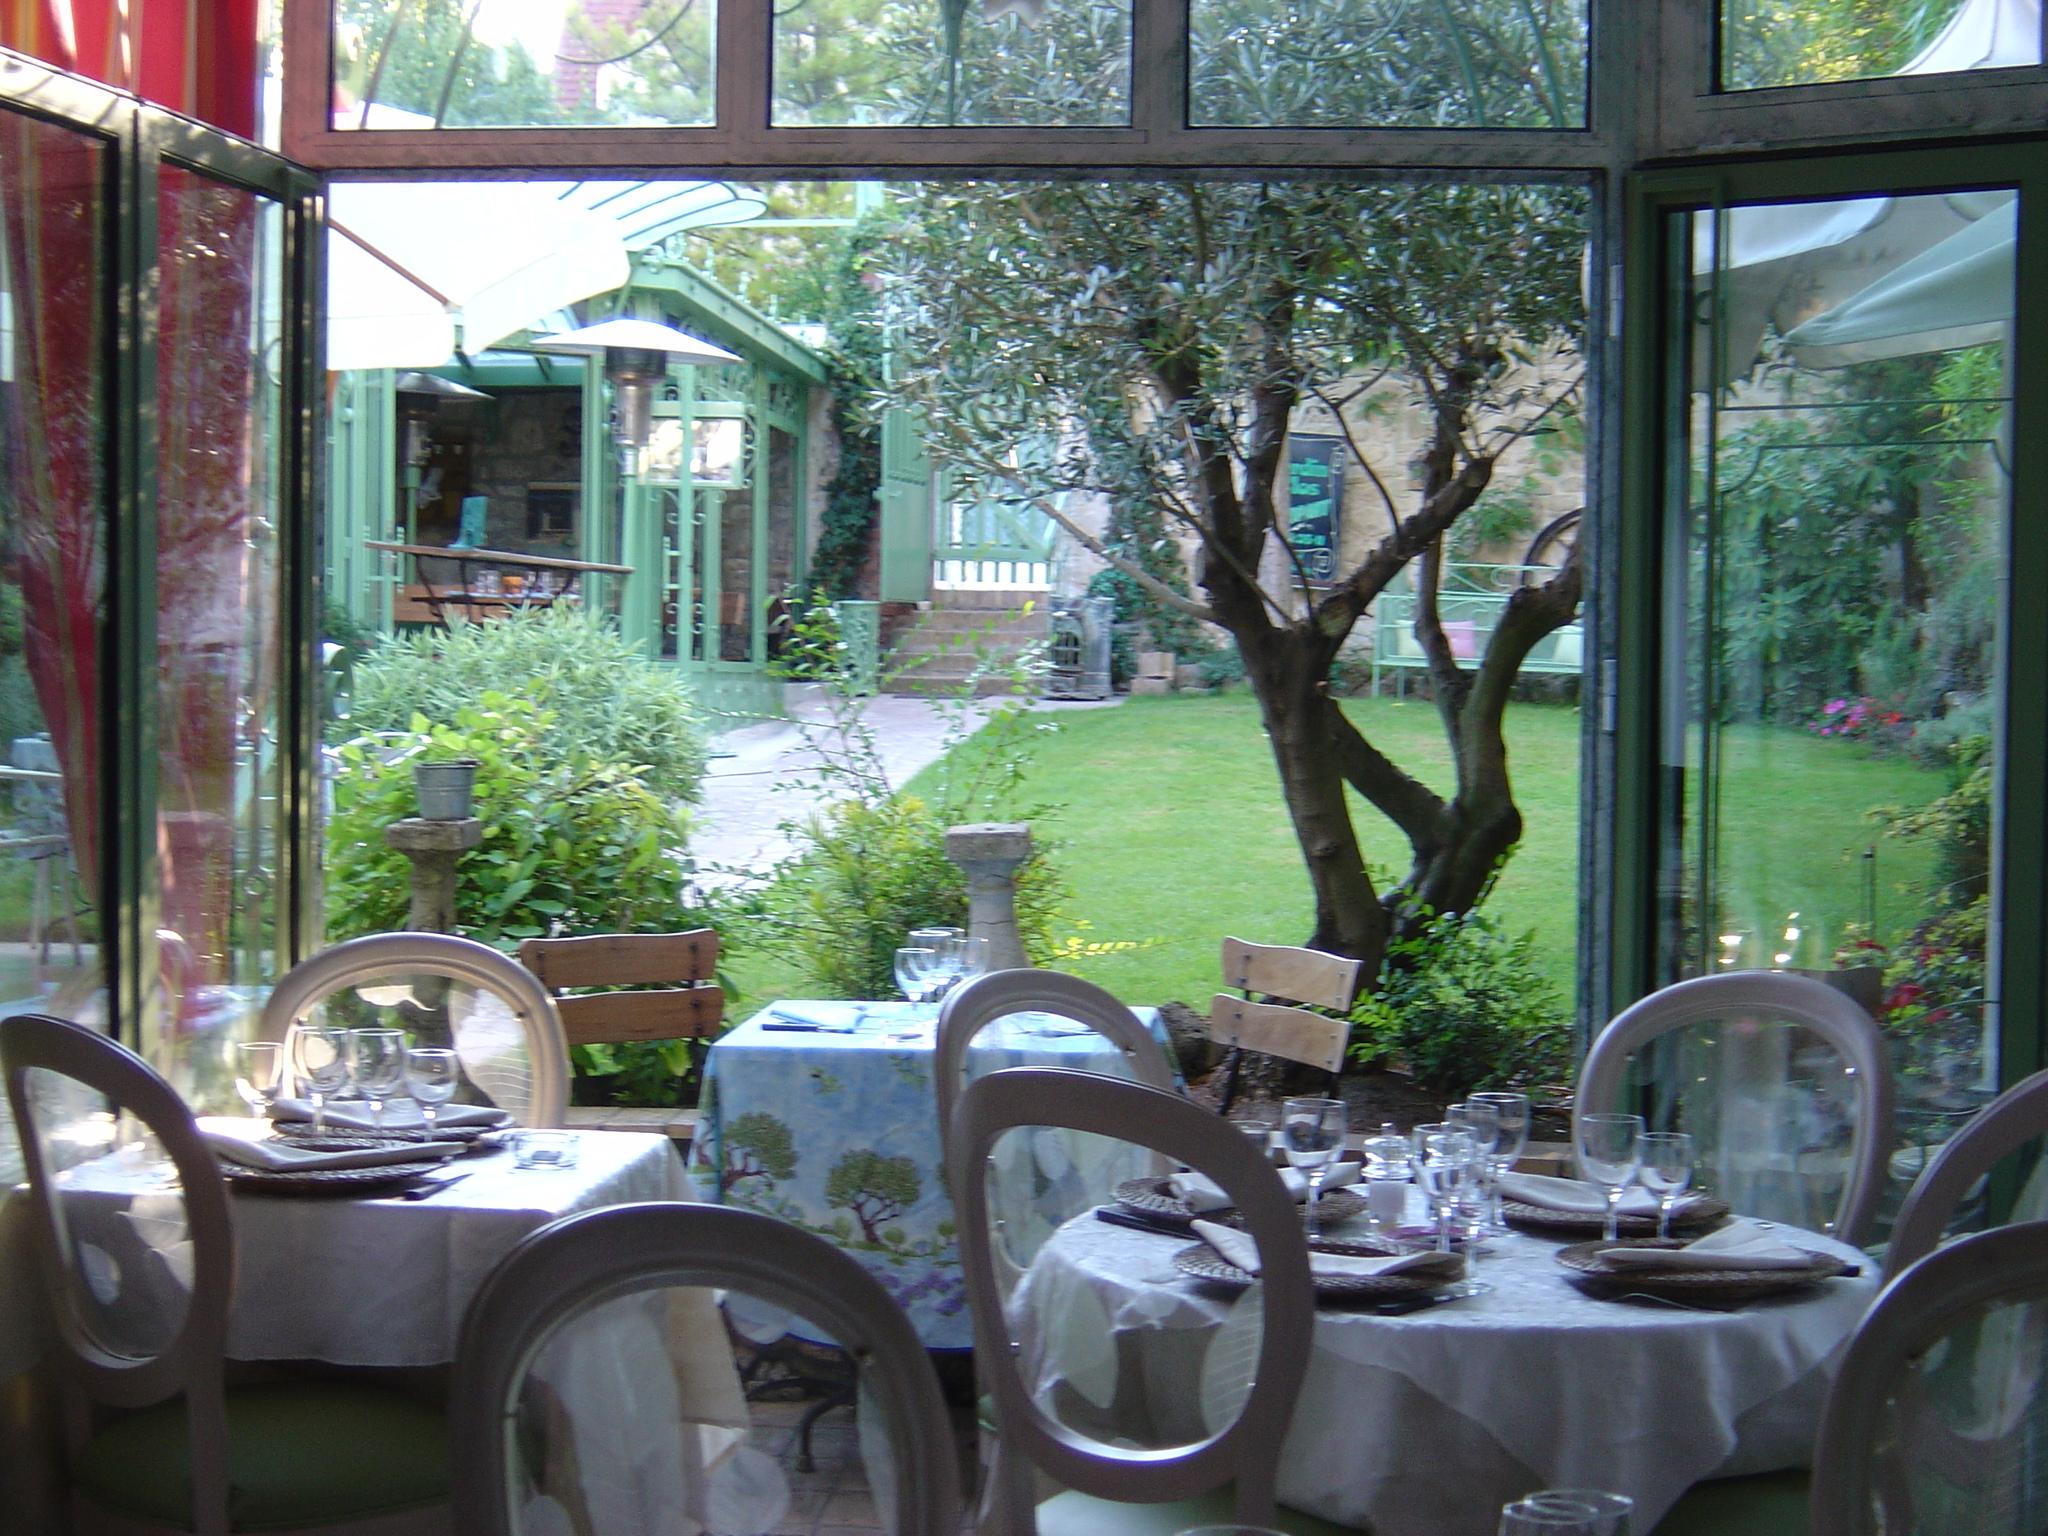 Resto rueil malmaison 92 perfect okko hotels paris - Restaurant le jardin du lavoir aux herbiers ...